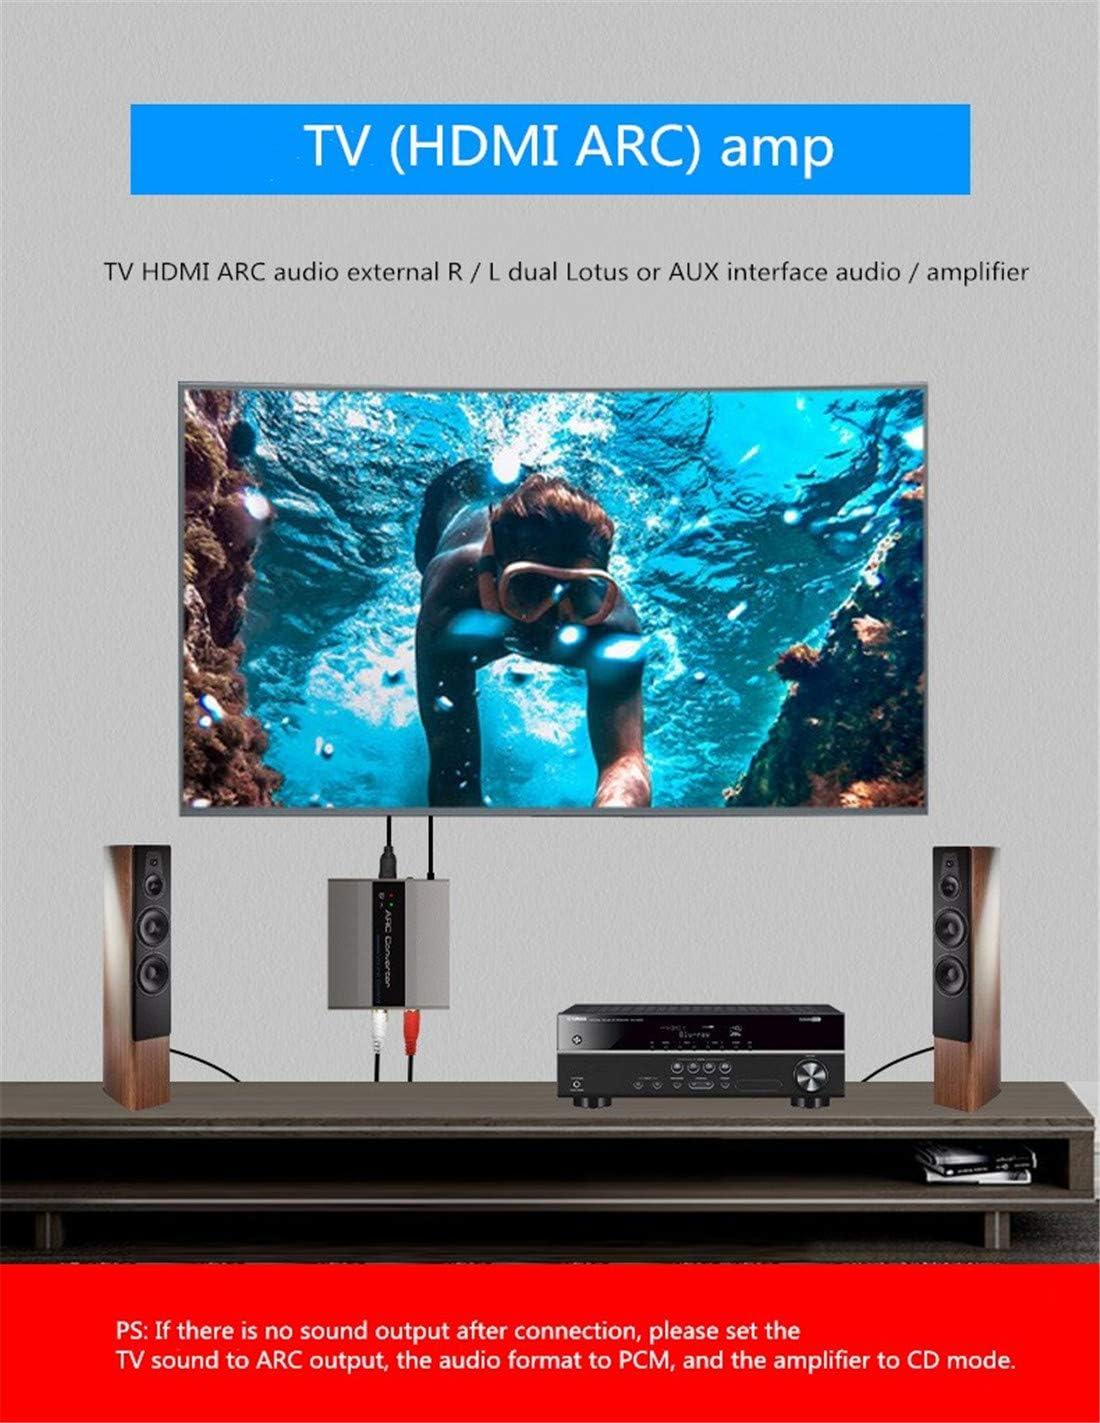 HDMI ARC Audio Converter ARC Audio Return TV/Proyector Amplificador Sonido RL Rojo y Blanco Doble Lotus HDMI ARC a R/L y AUX Audio Converter: Amazon.es: Electrónica